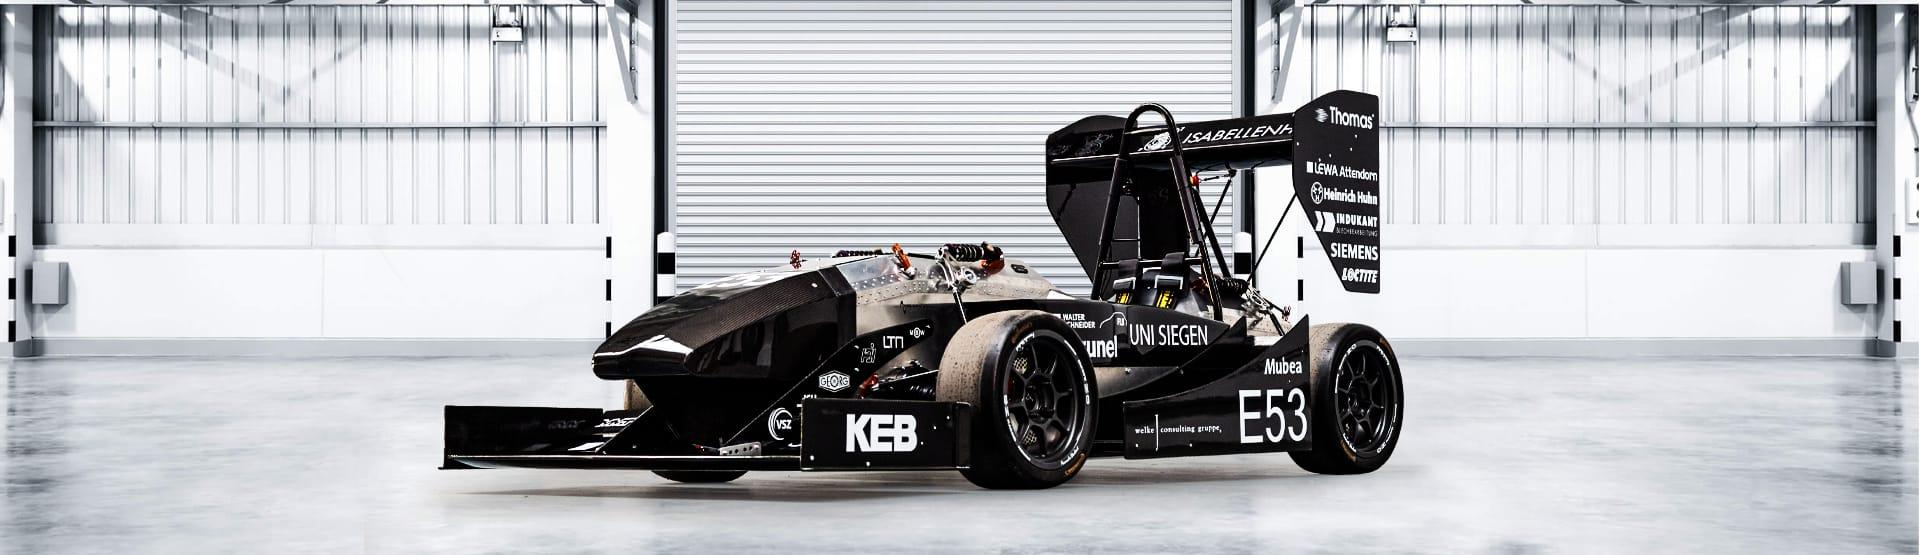 Formula Student Fahrzeug der Uni Siegen